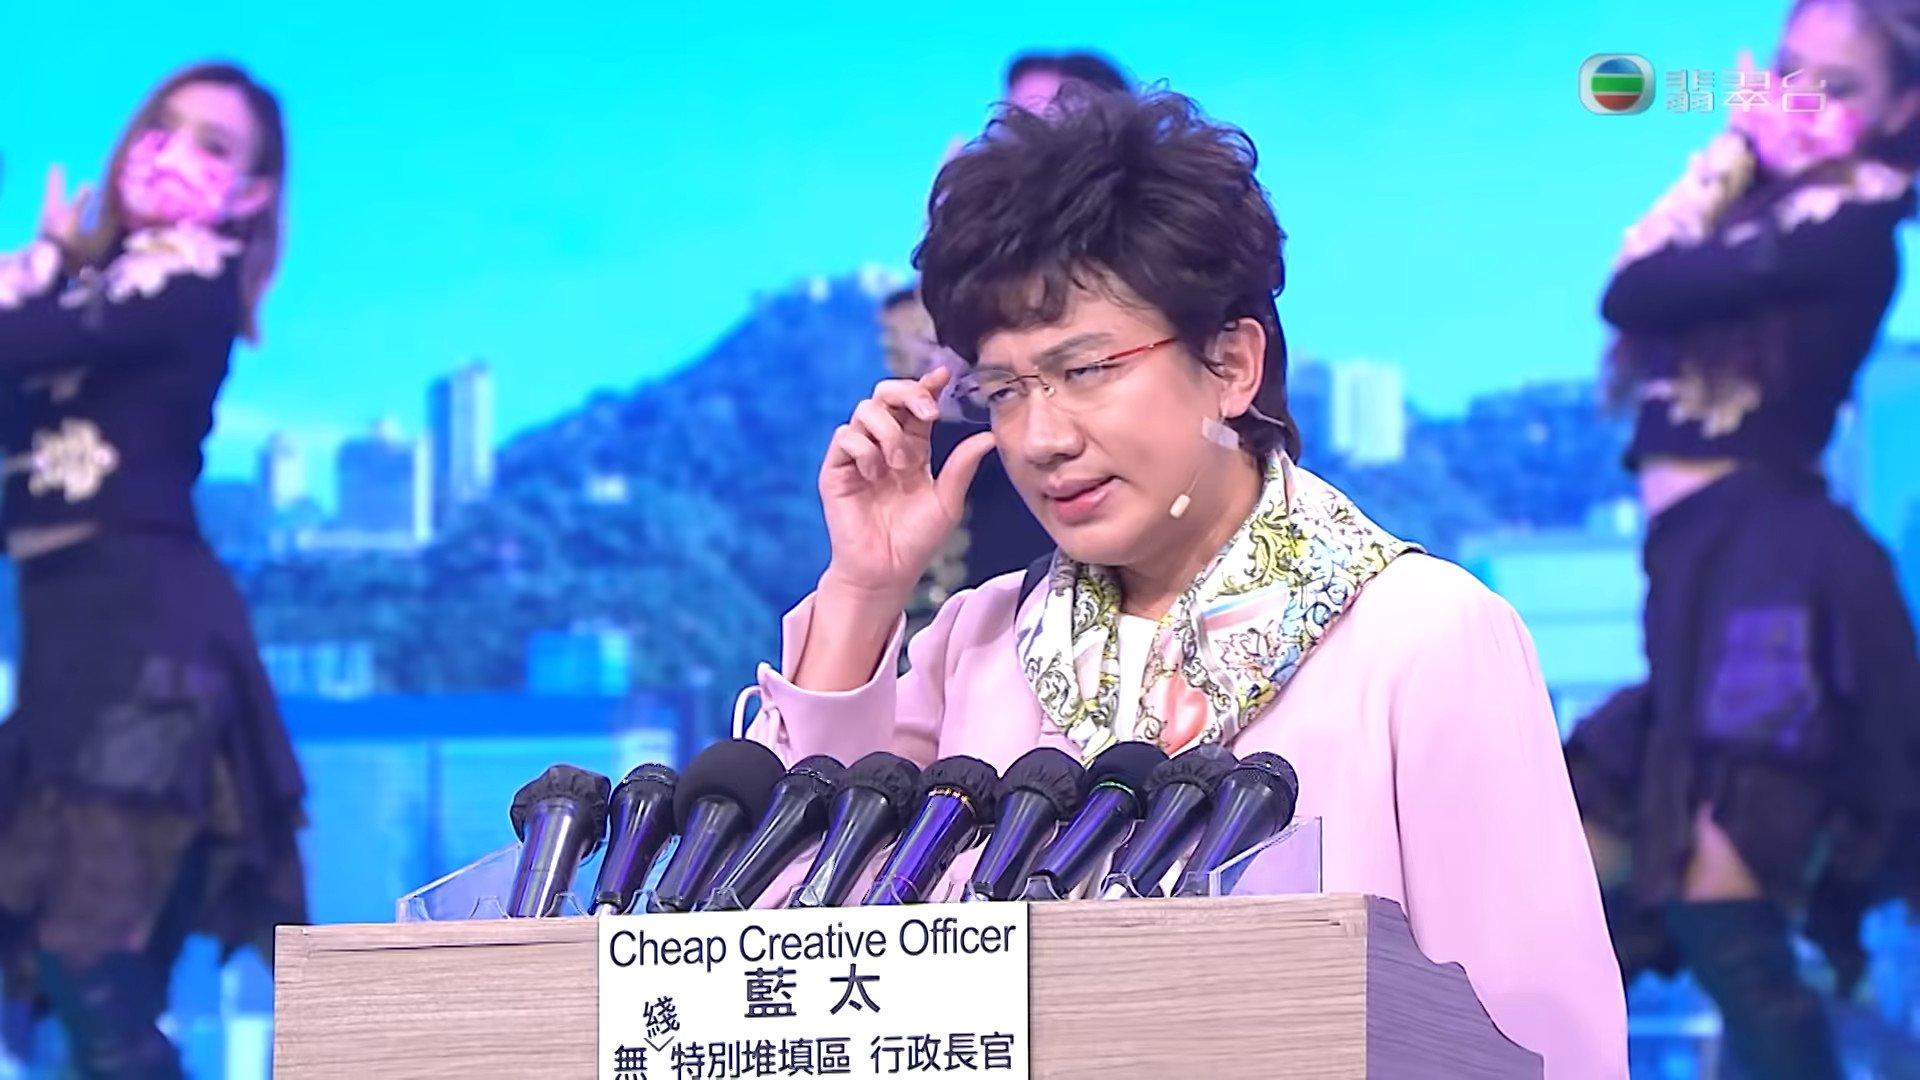 王祖藍在《開心大綜藝》惡搞林鄭月娥,通訊局表示合共收到約250宗投訴。(TVB 影片截圖)